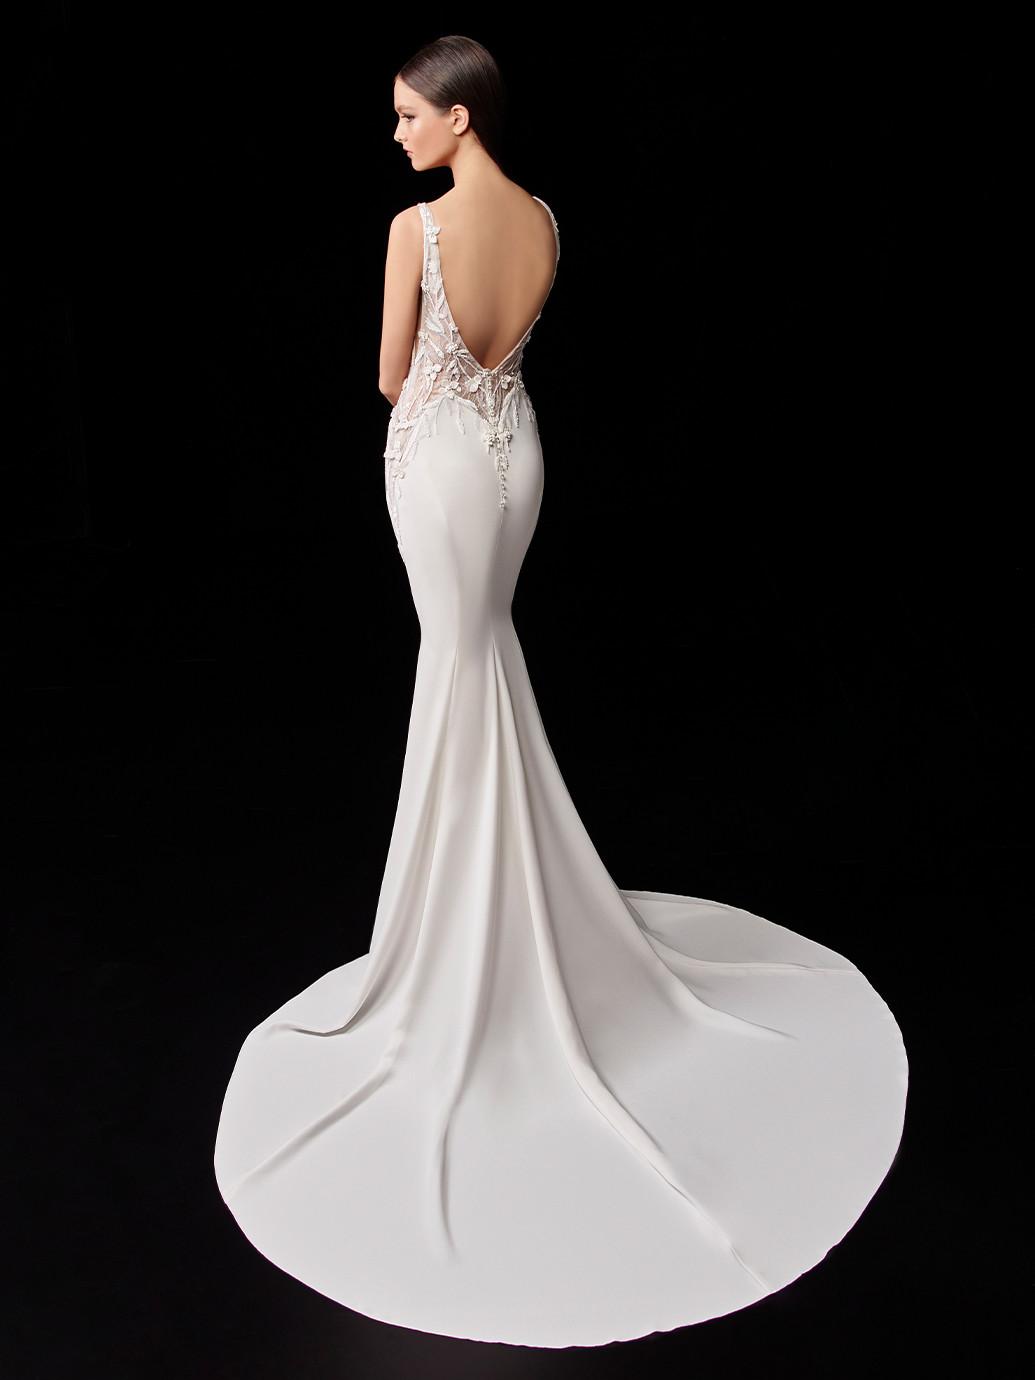 Weißes Satin-Brautkleid im Godet-Schnitt mit Spitzentop und abnehmbarem Cape von Enzoani, Modell Patty